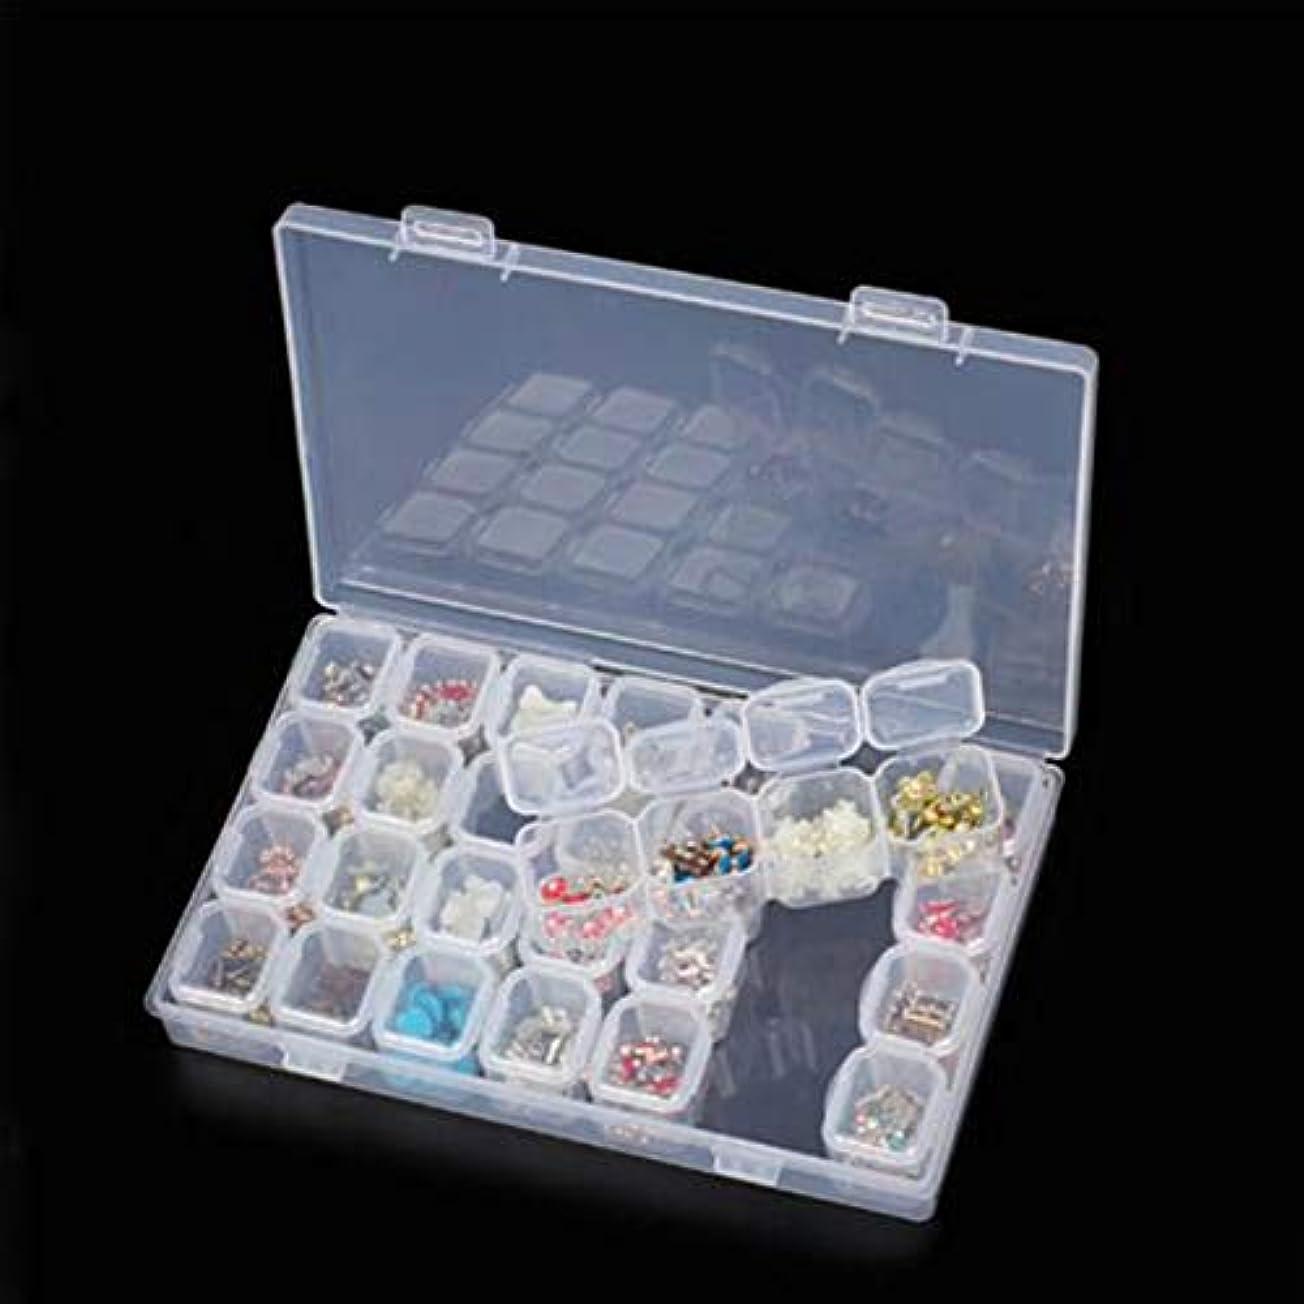 音楽敬の念解明する28スロットプラスチック収納ボックスボックスダイヤモンド塗装キットネールアートラインツールズ収納収納ボックスケースオーガナイザーホルダー(透明)